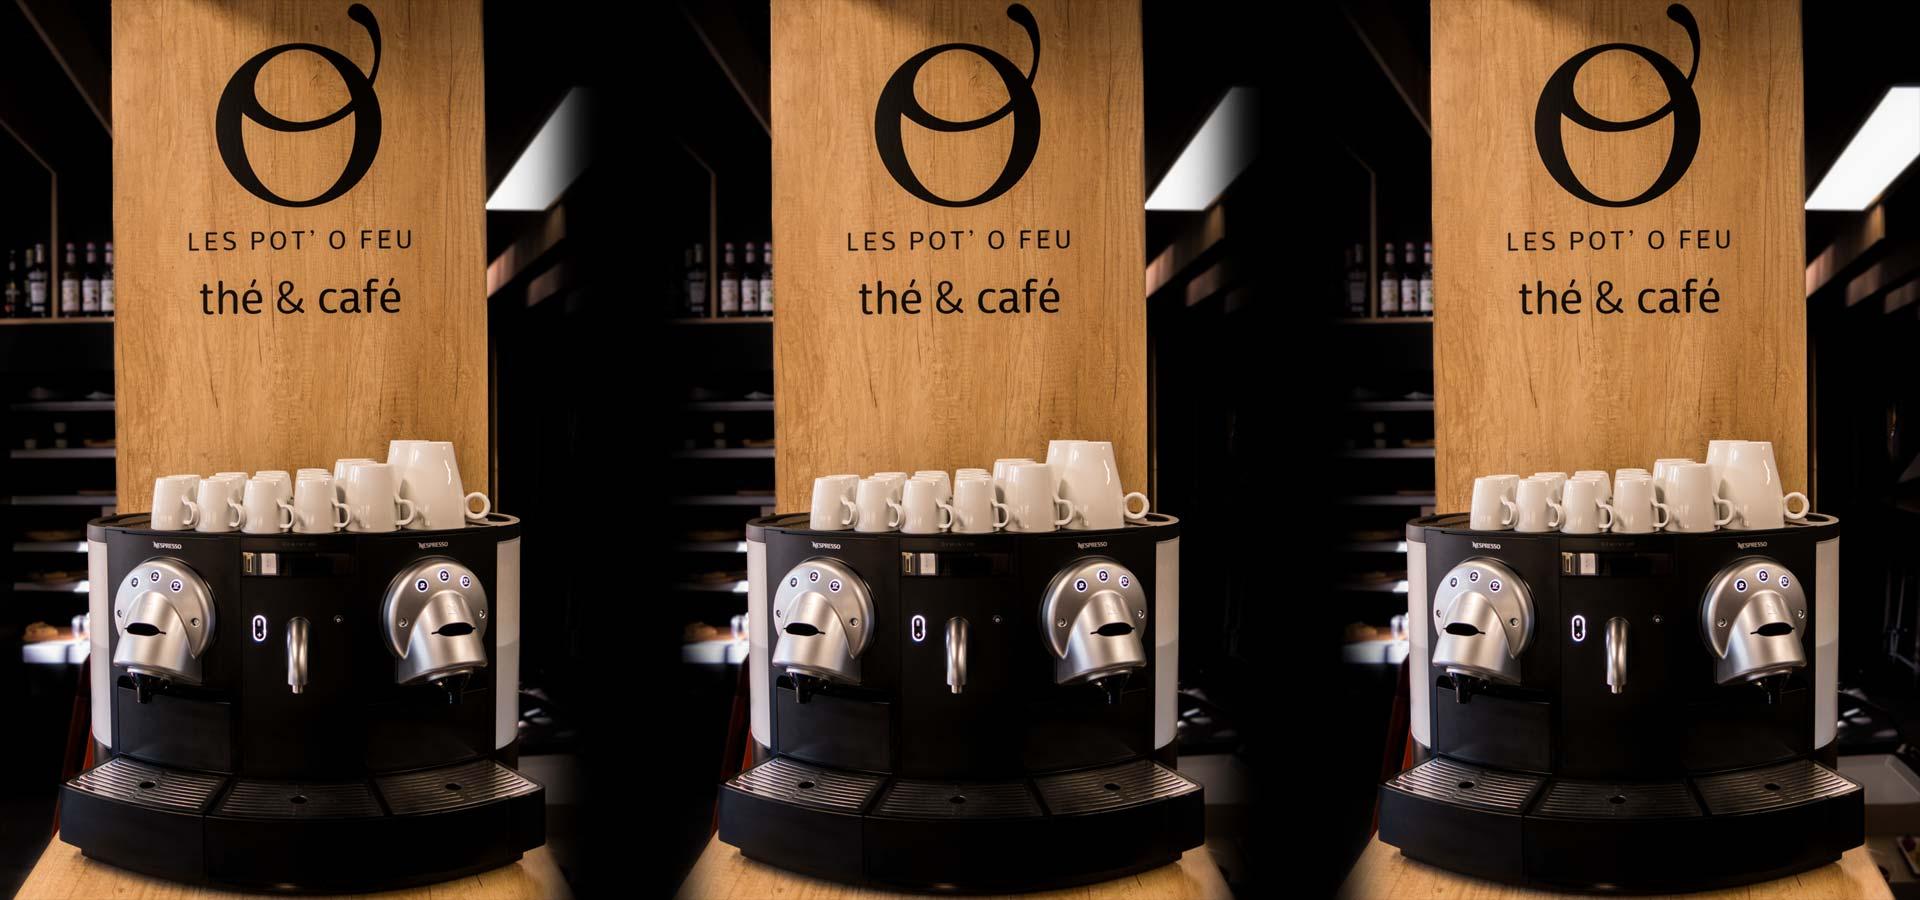 boissons-chaudes-thes-cafes-potofeu-rennes